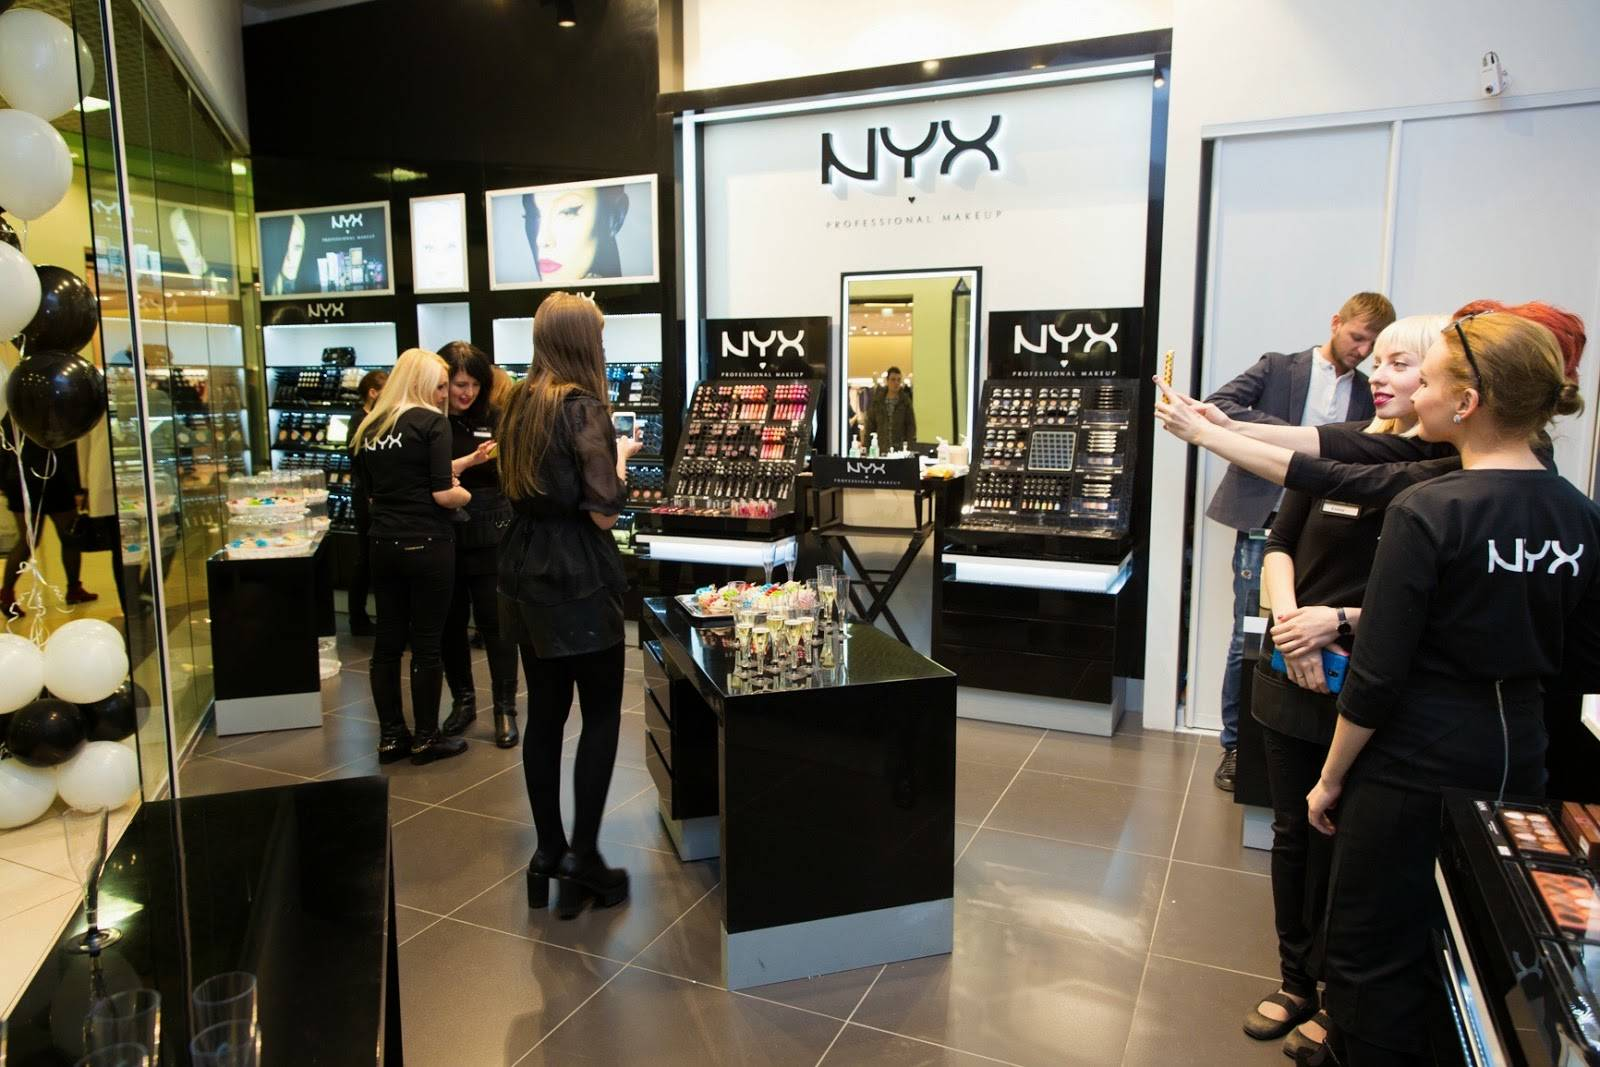 где купить косметику nyx в москве адреса